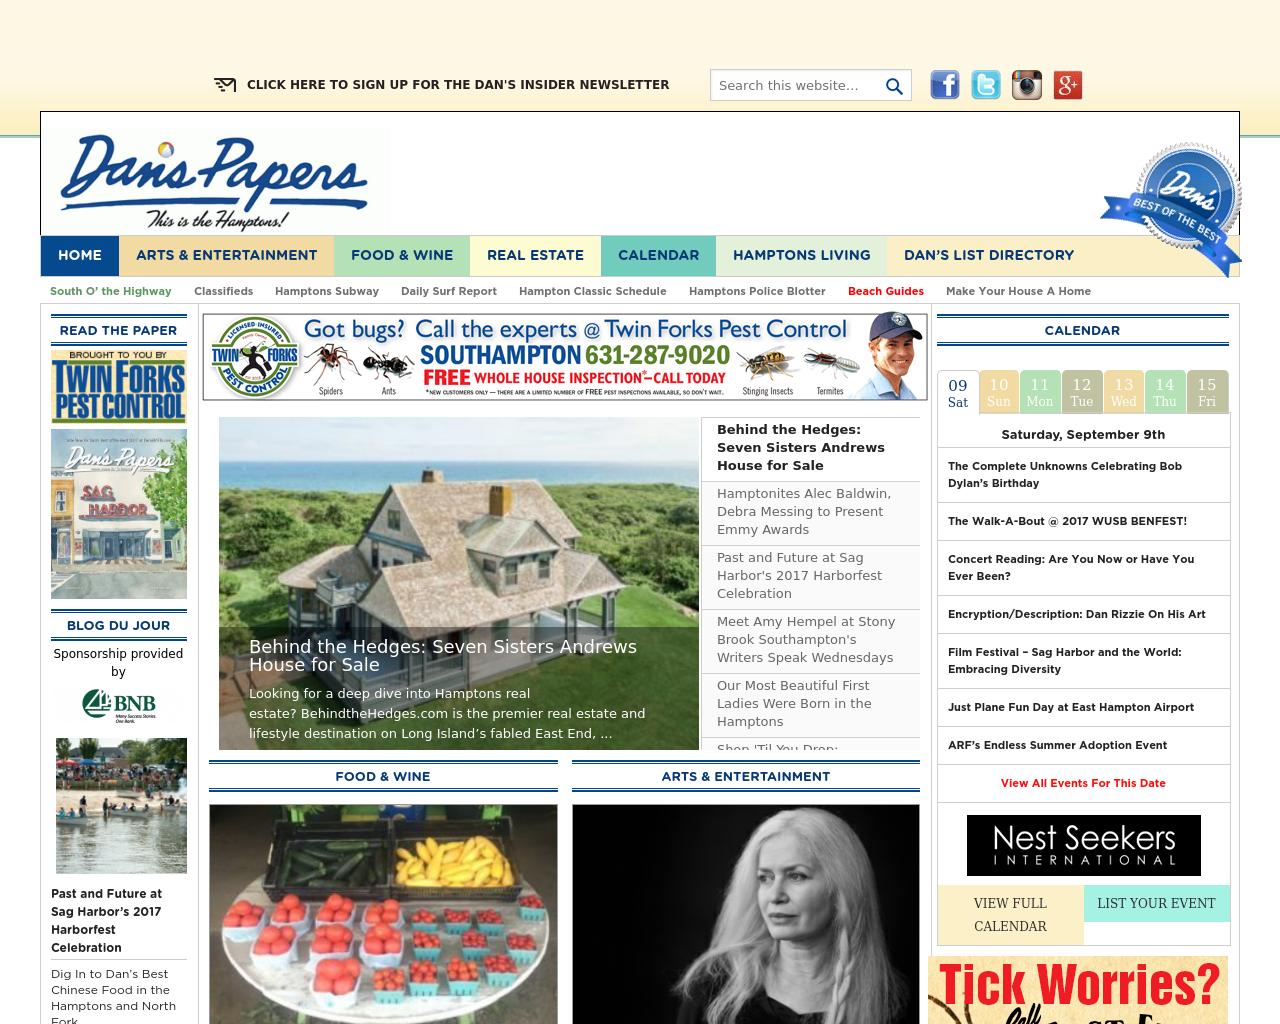 Dan's-Papers-Advertising-Reviews-Pricing